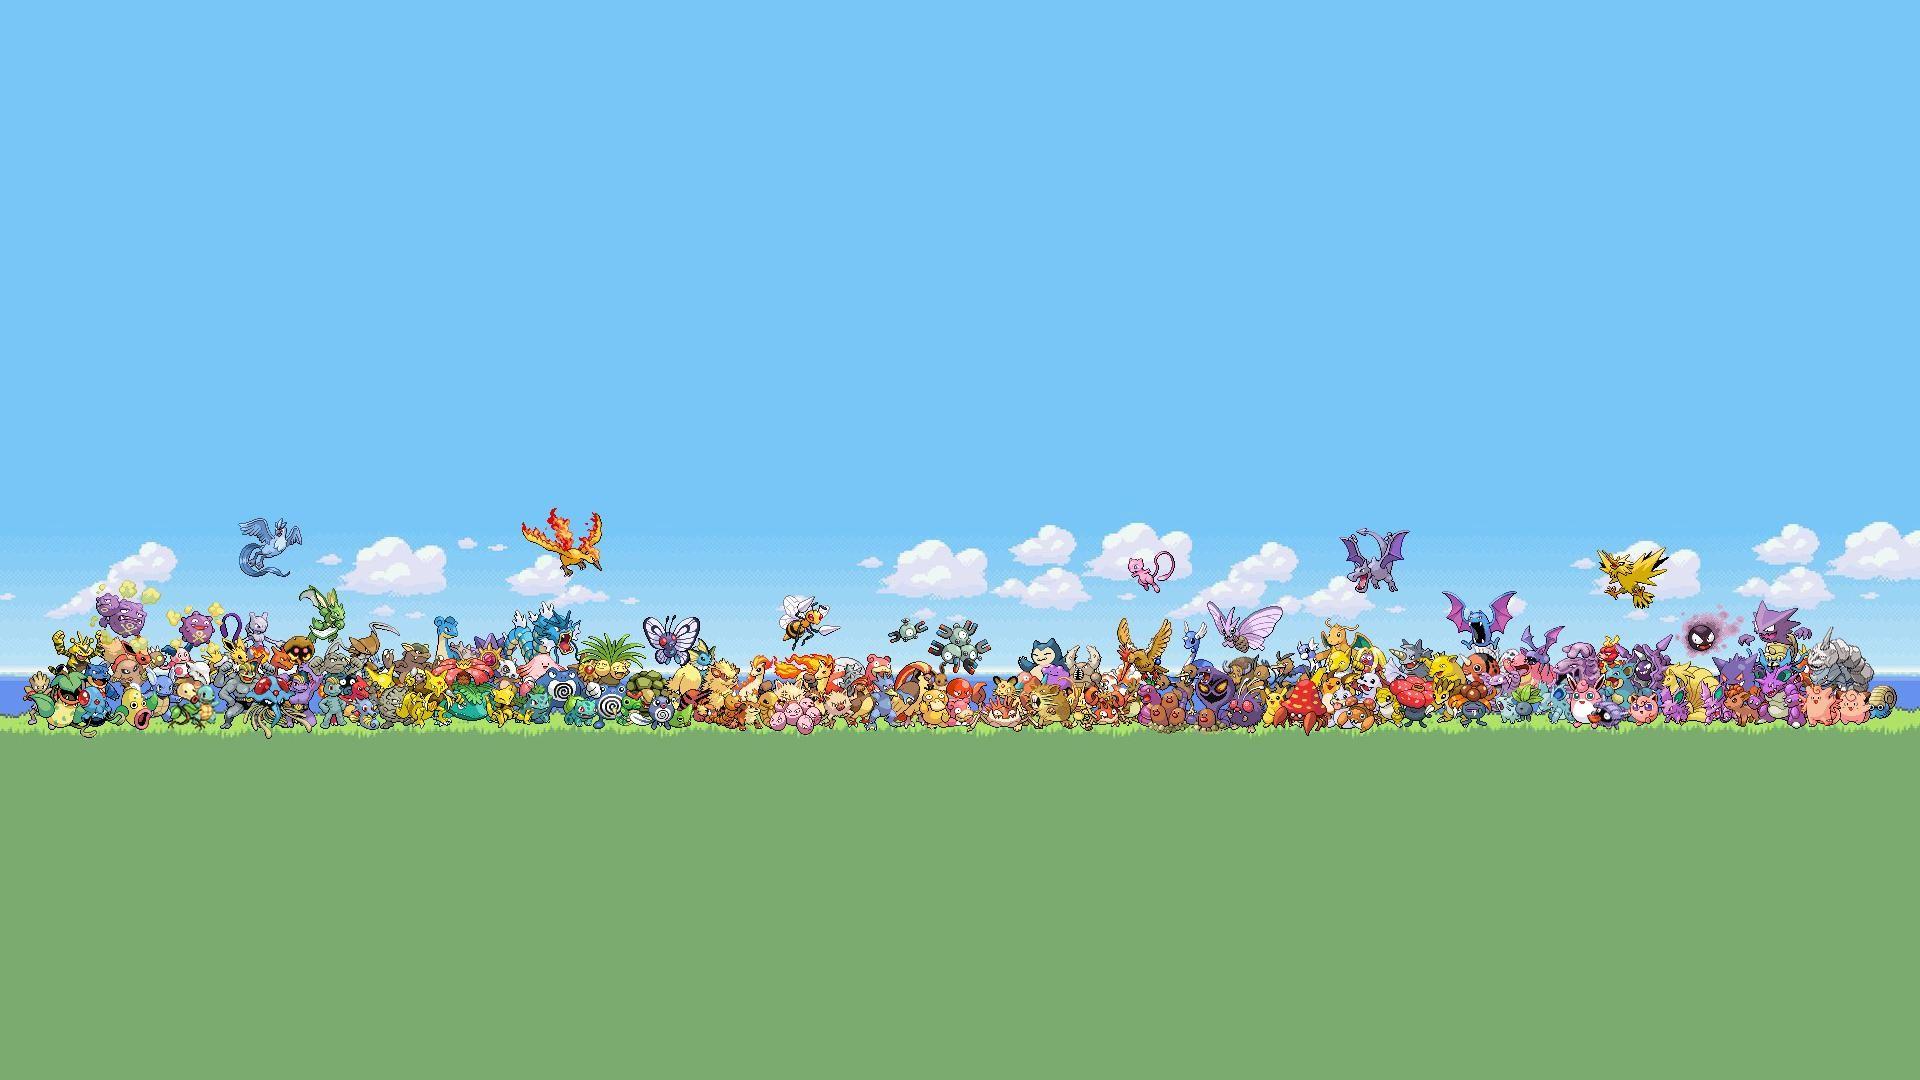 wallpaper.wiki-All-Pokemon-Desktop-Background-PIC-WPC005240